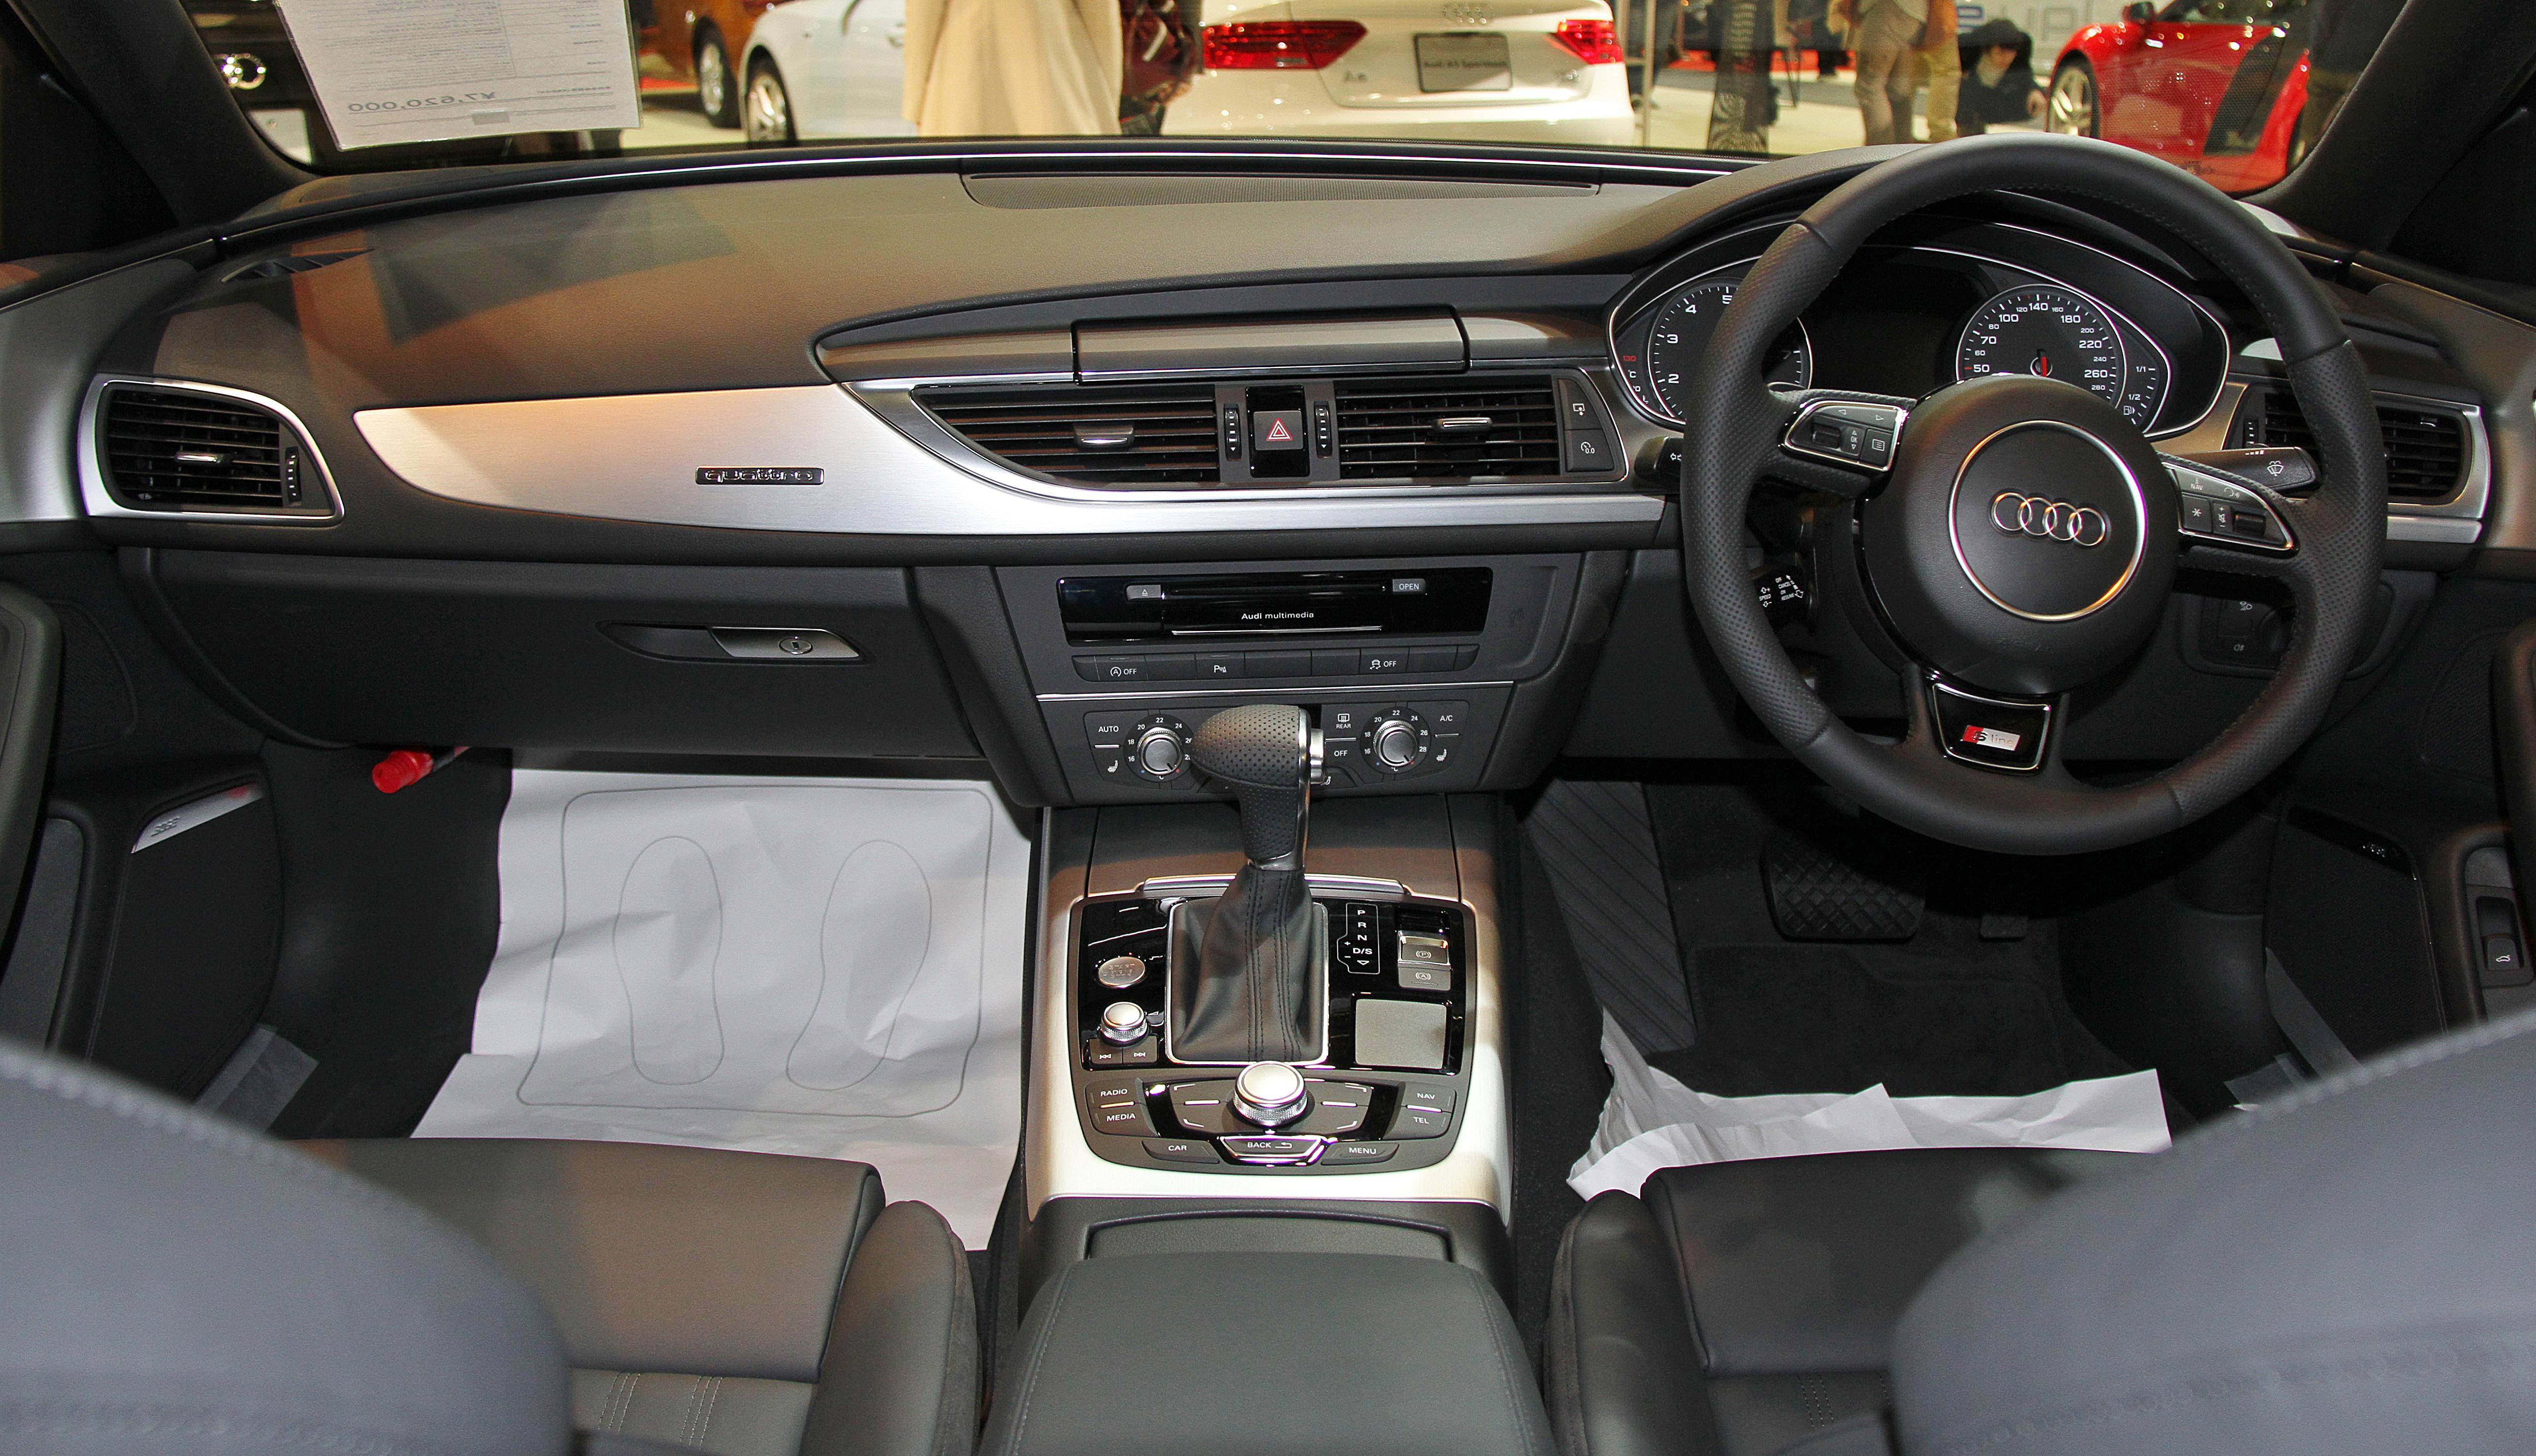 Audi a6 30 tdi quattro 2005 specification